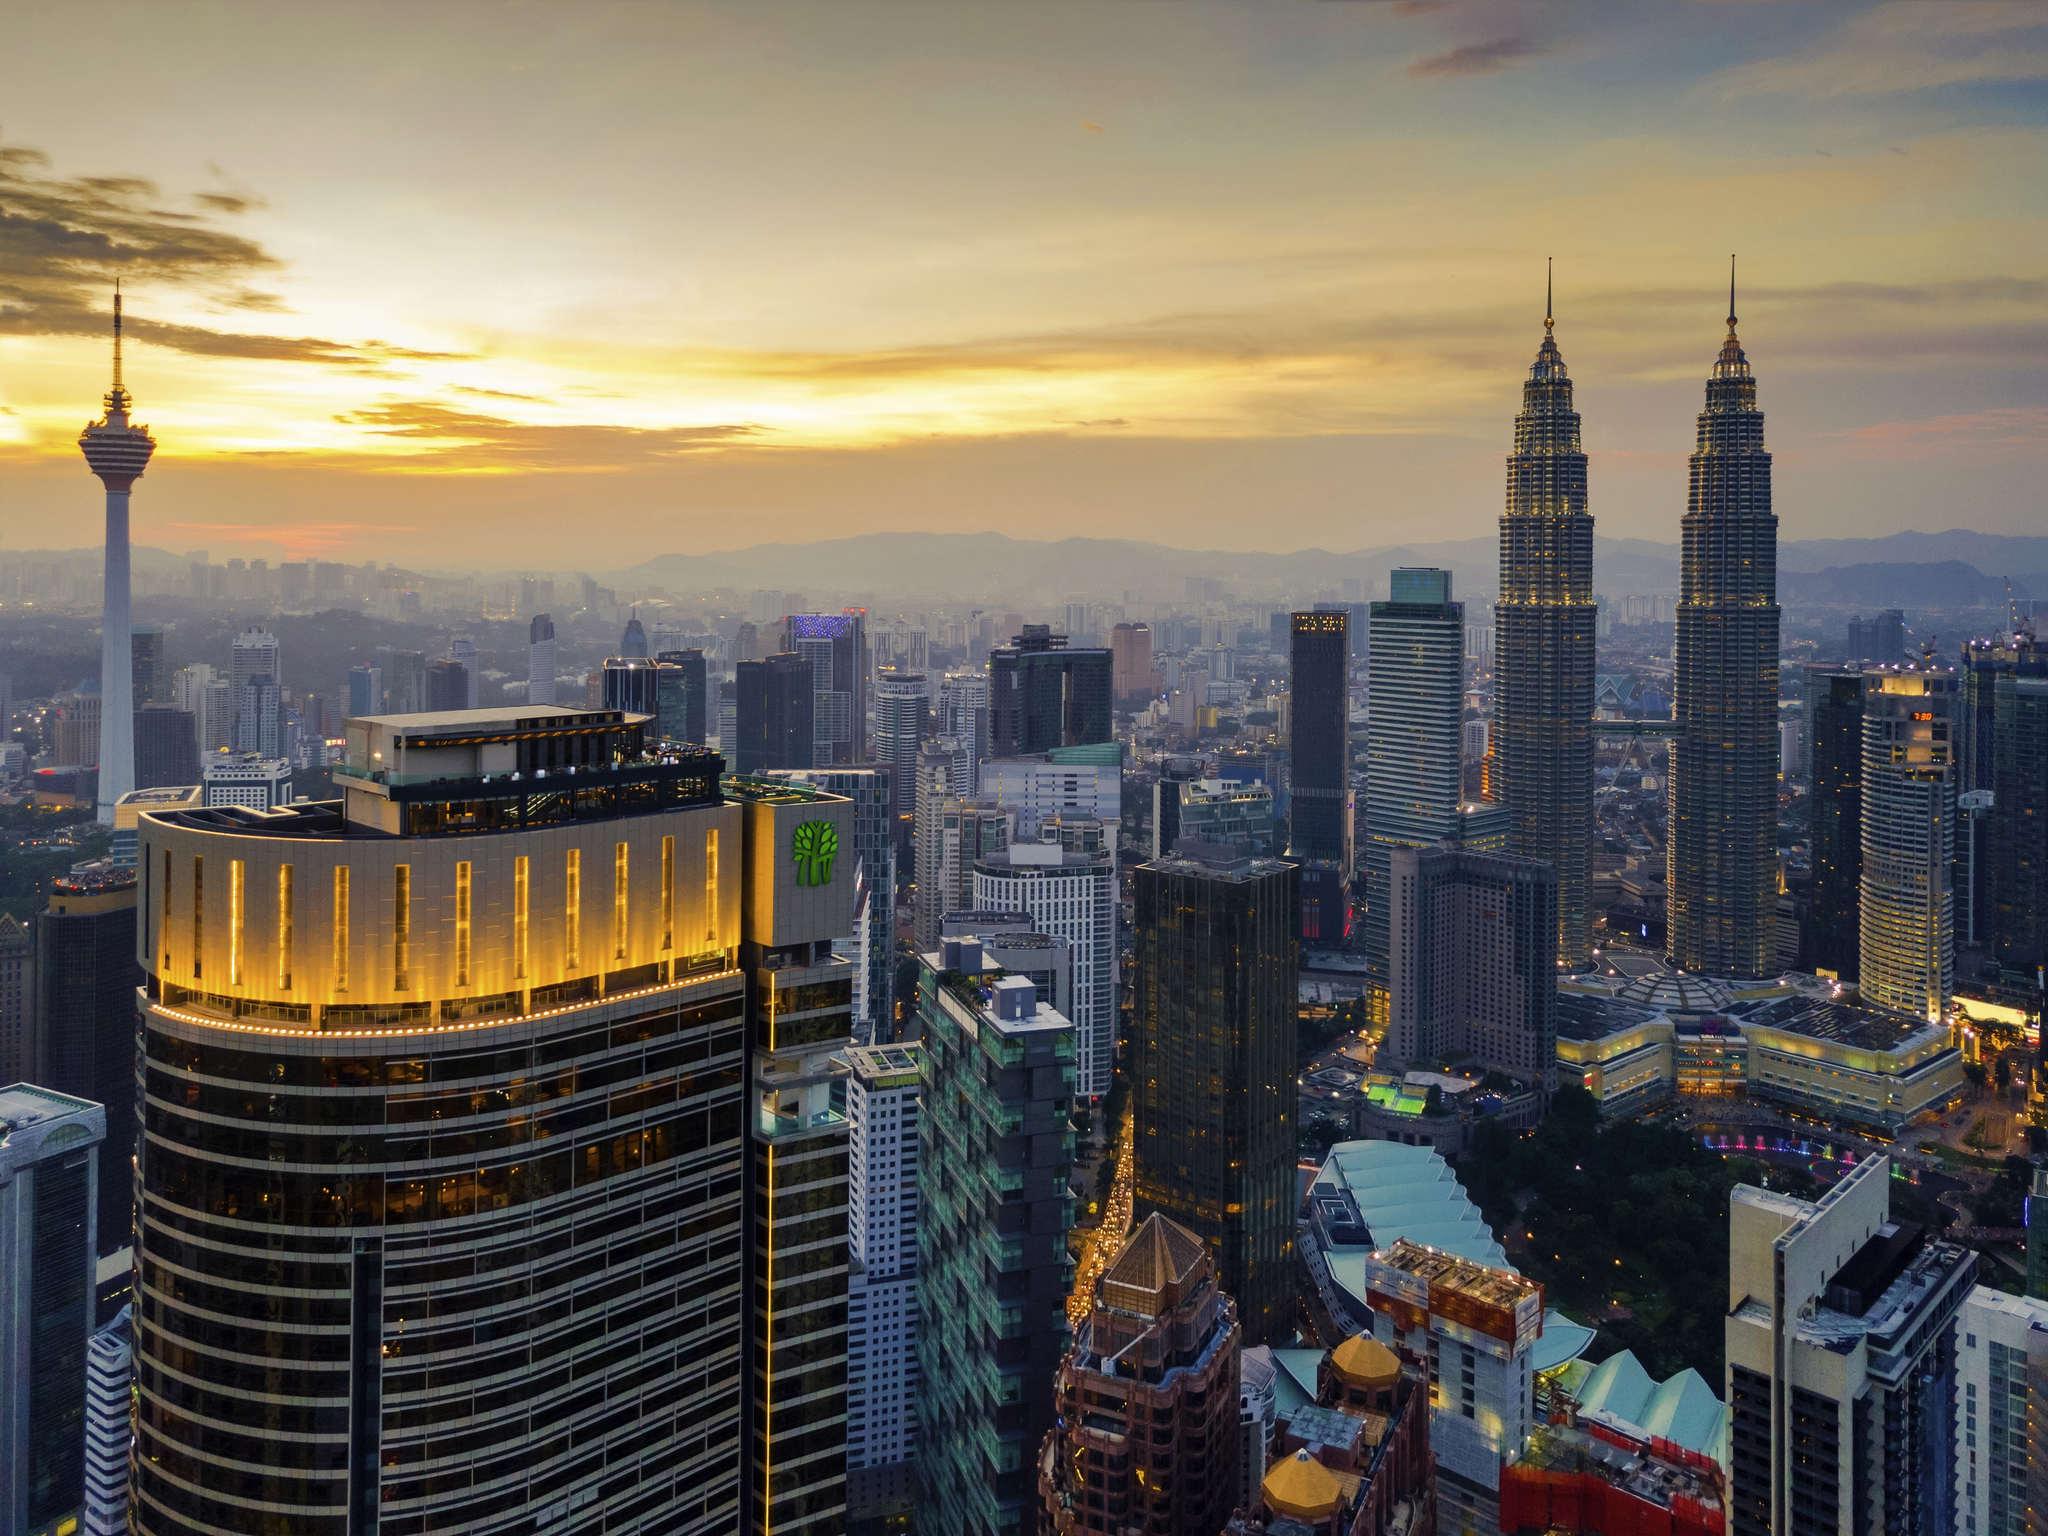 โรงแรม – Banyan Tree Kuala Lumpur (Opening July 2018)